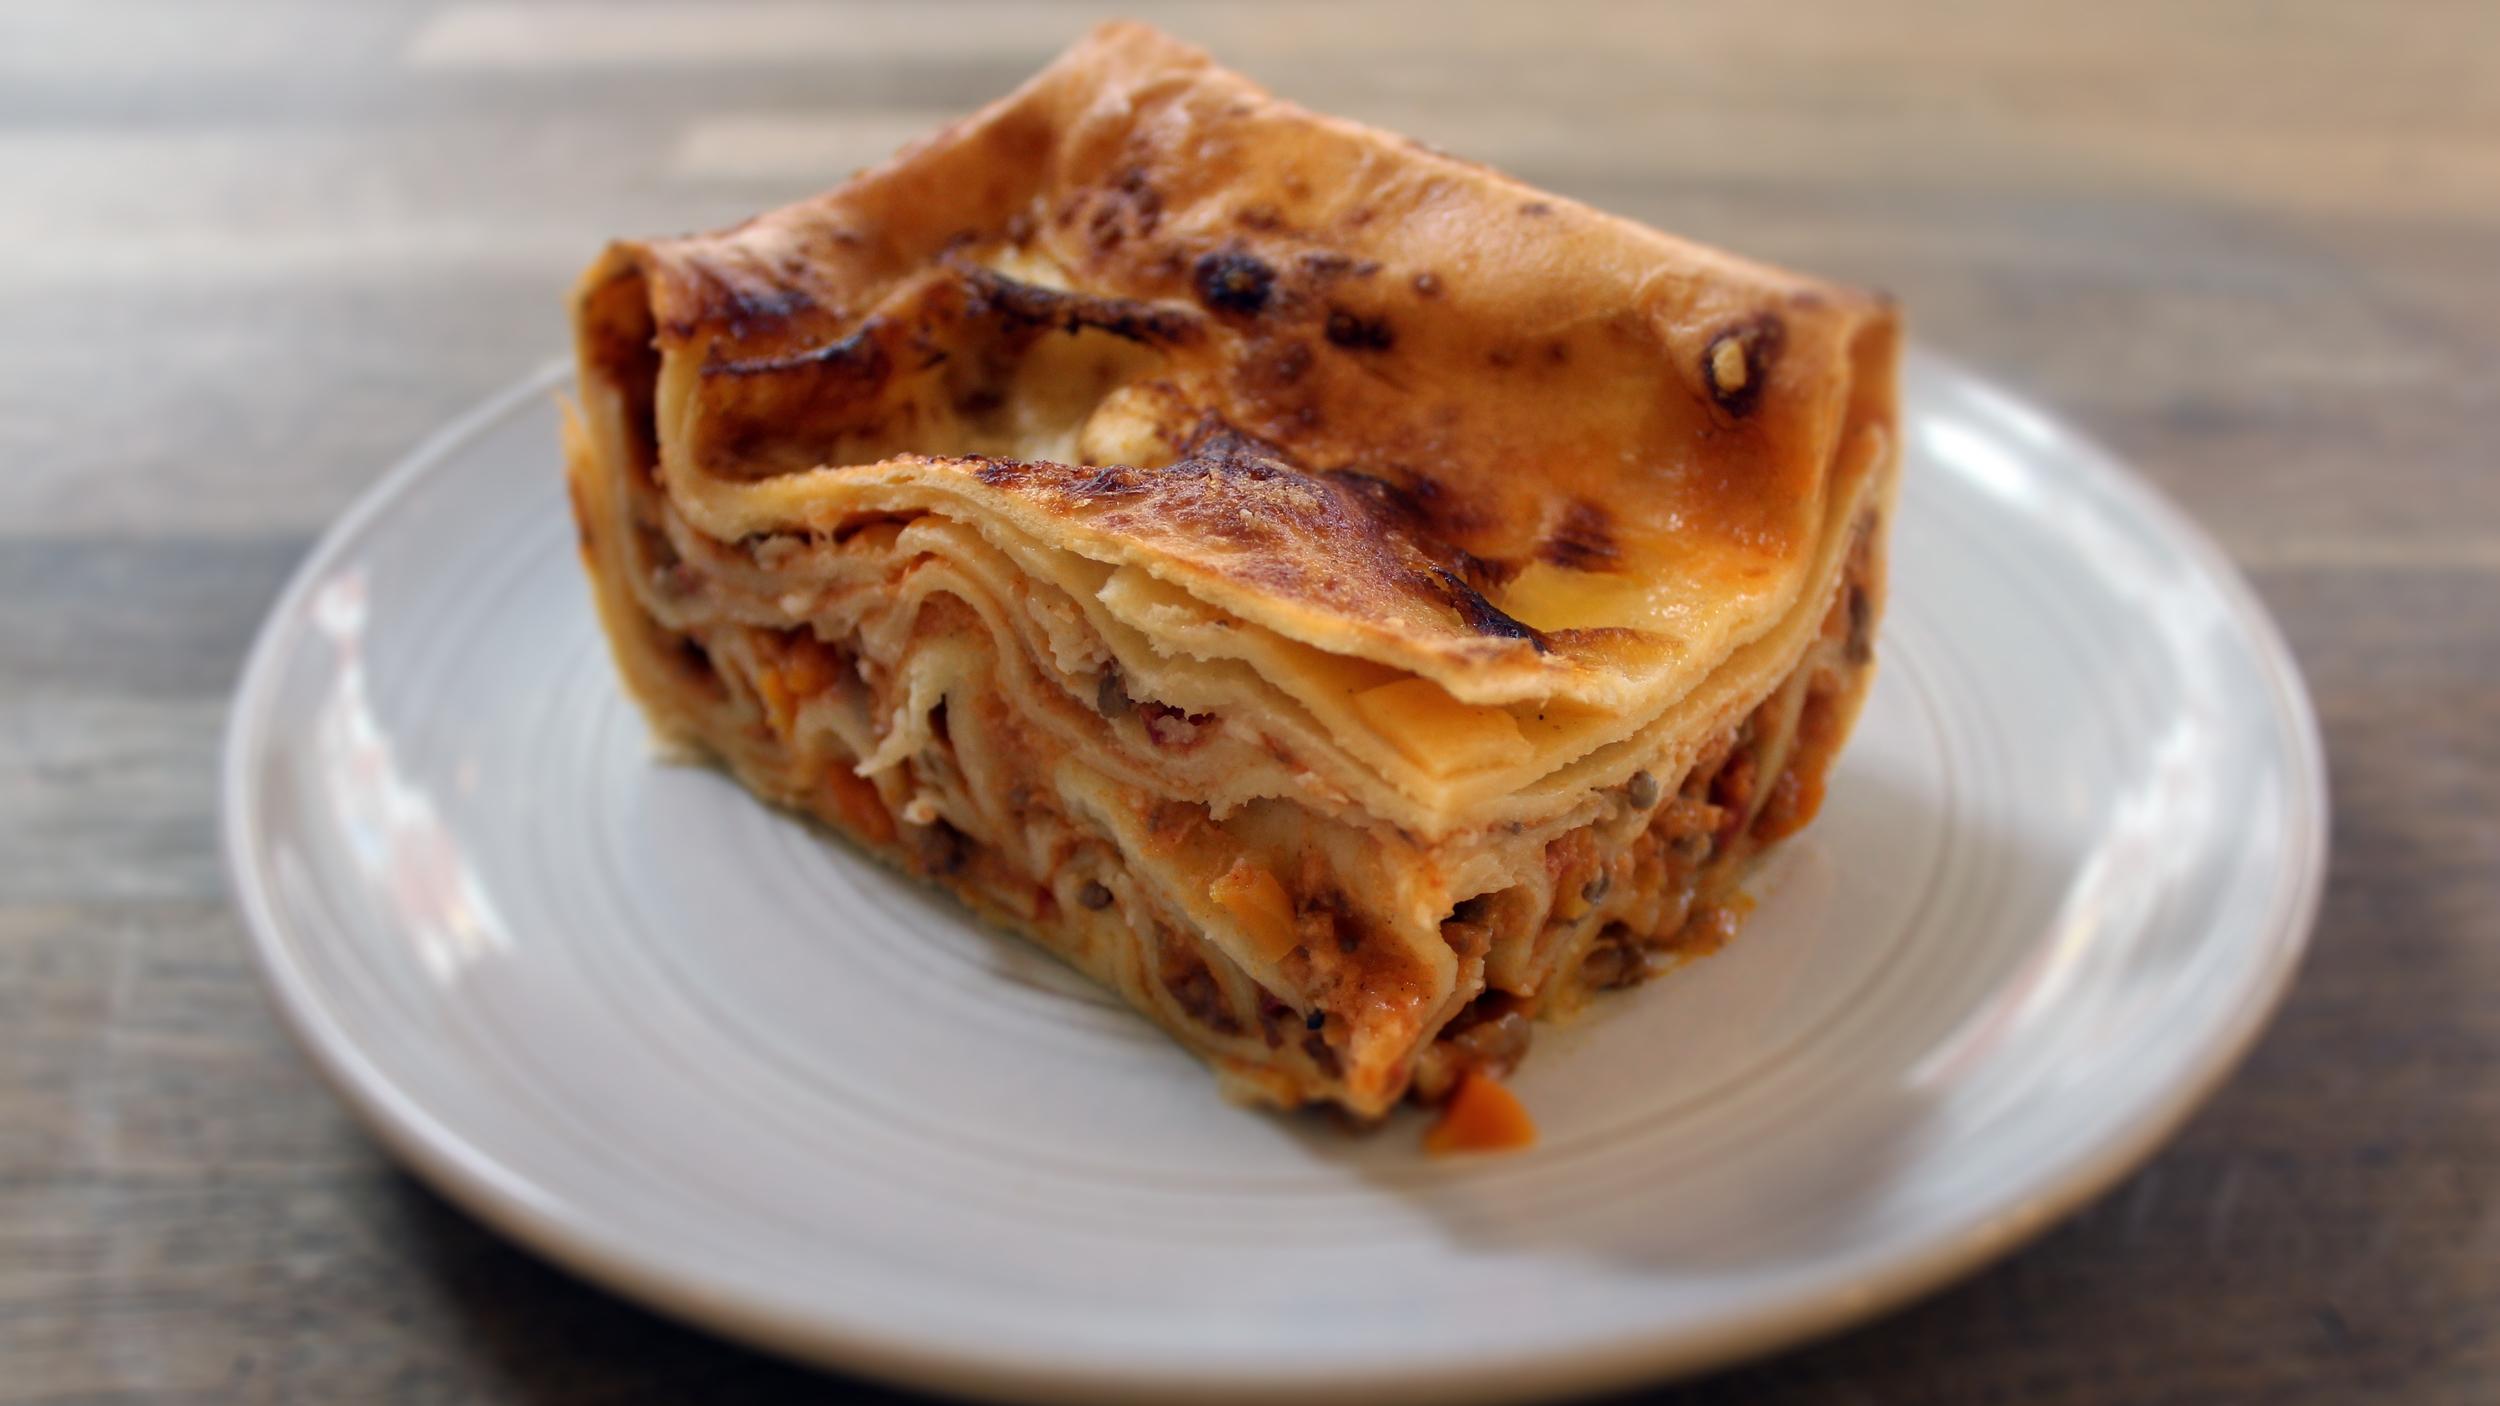 original lasagna £6.00